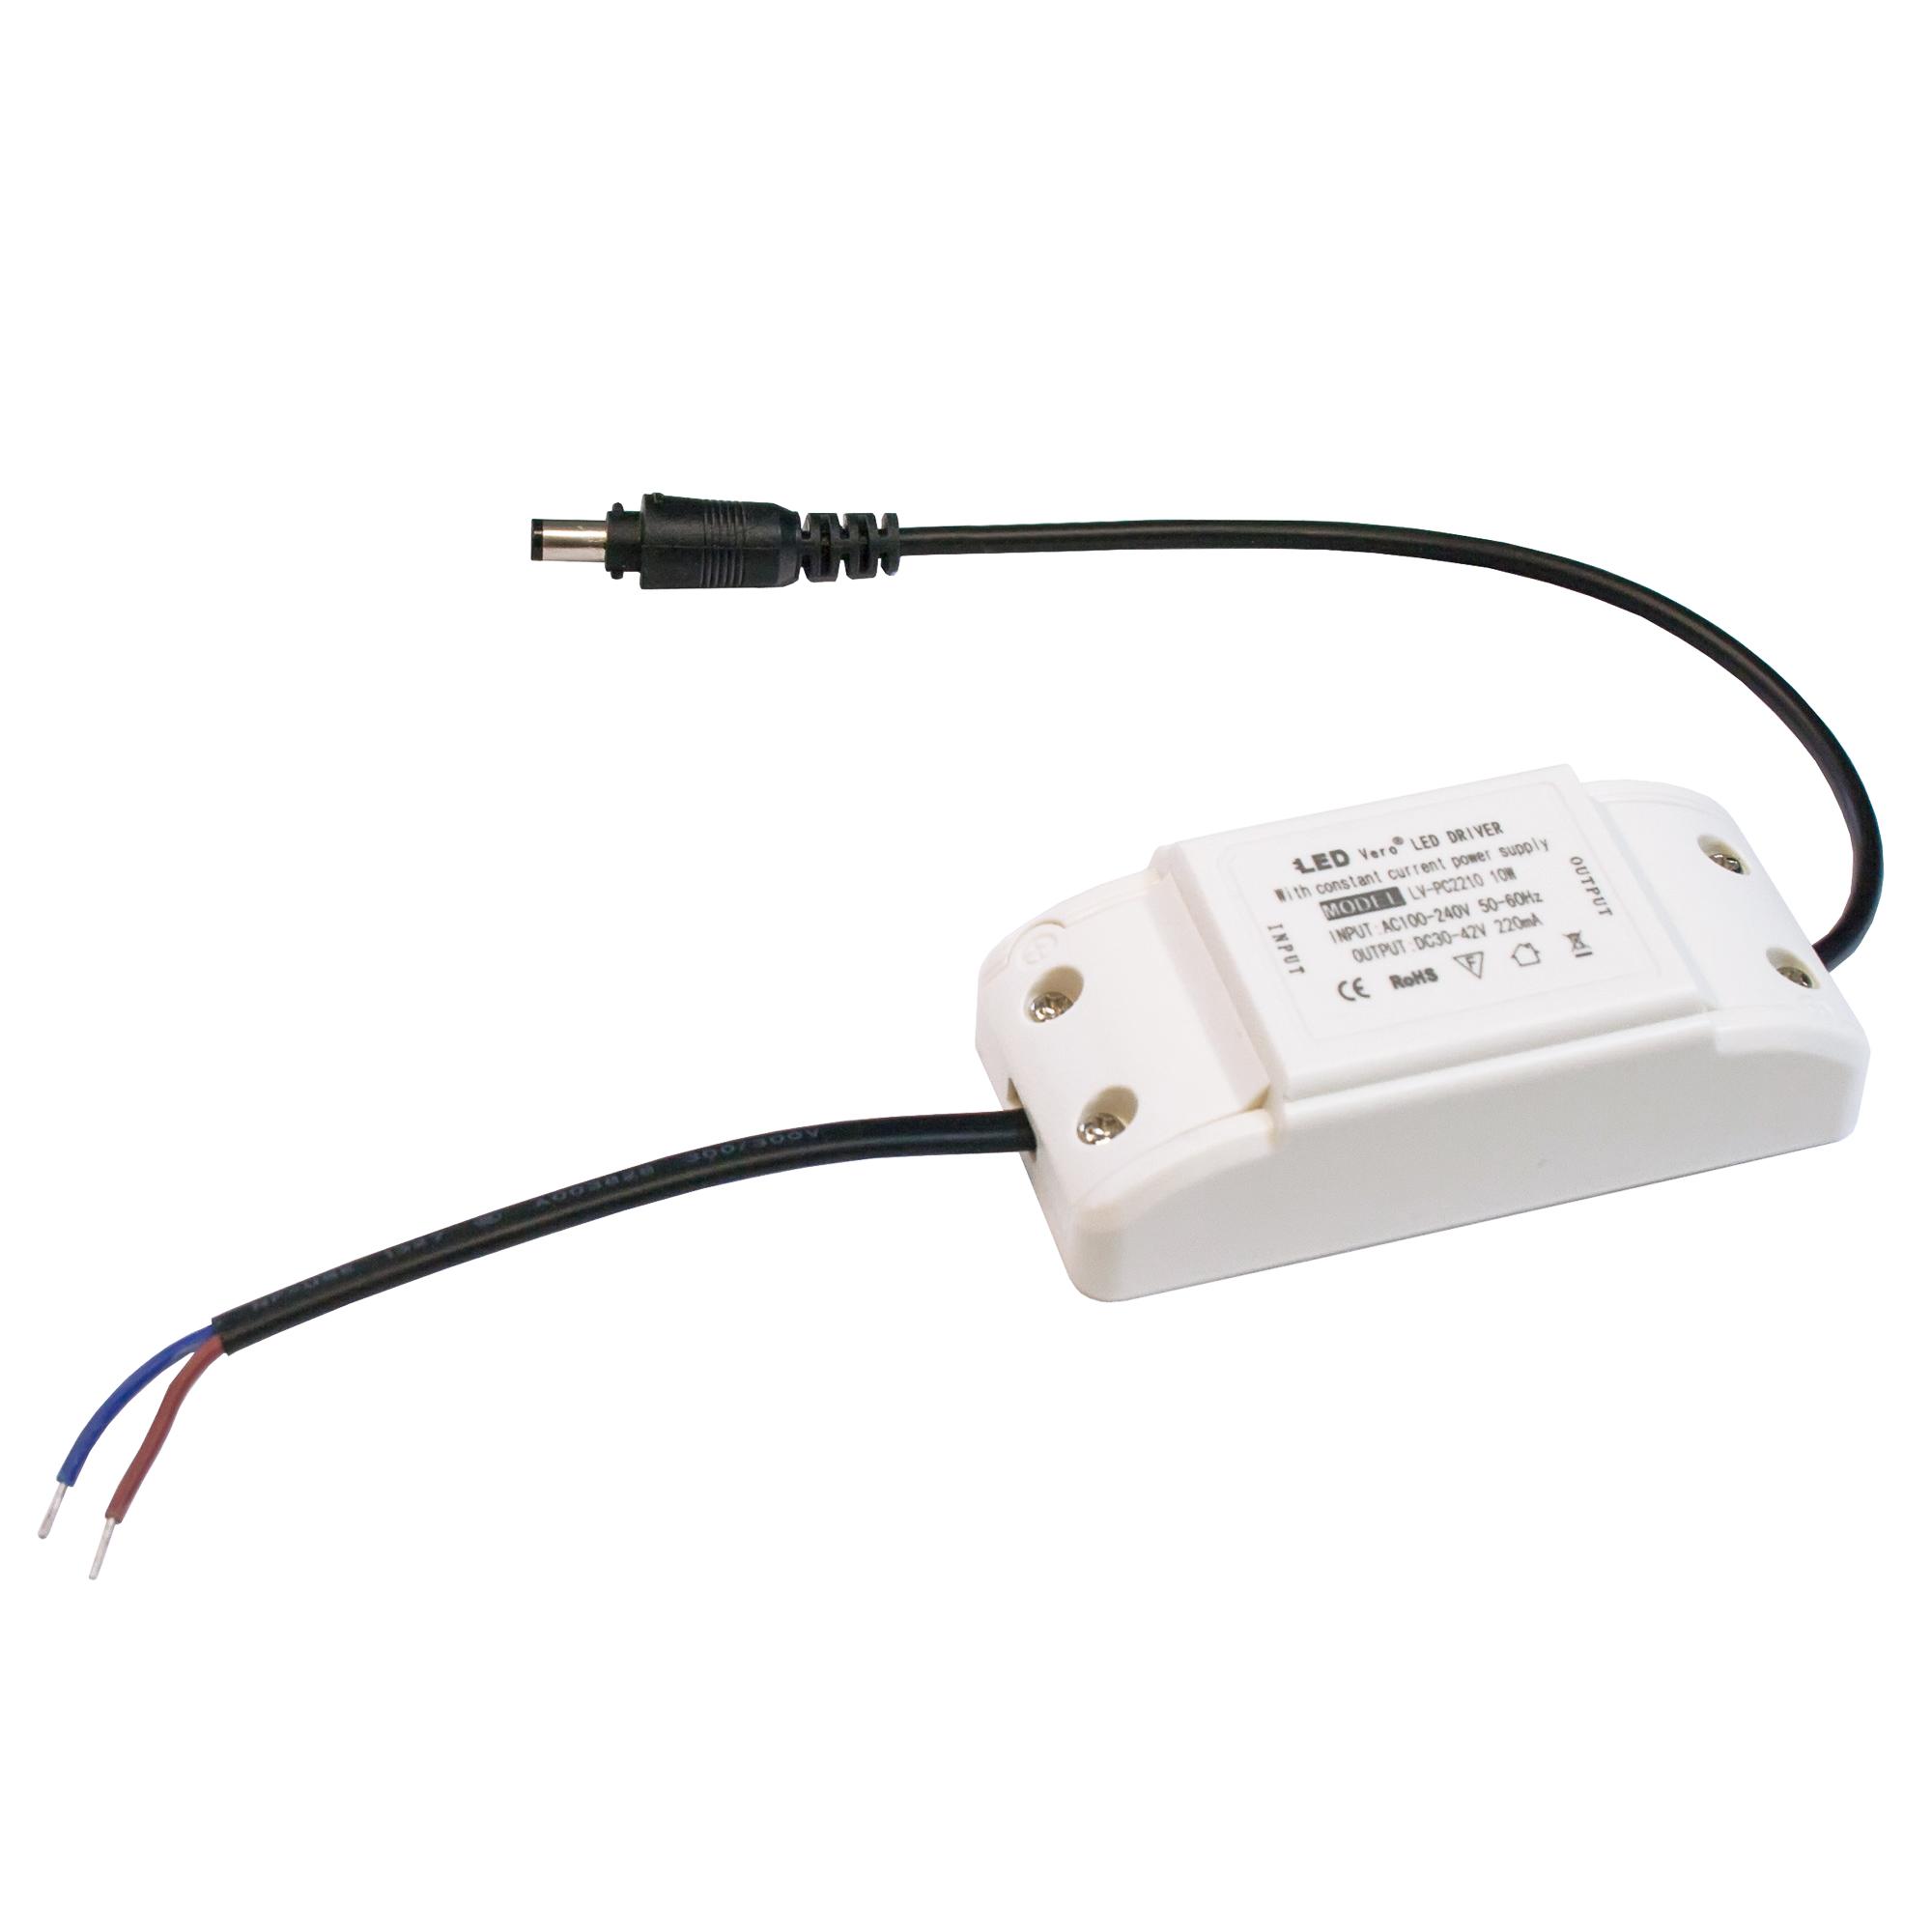 10W LED Transformator für 30x30 Ultraslim LED Panel Trafo Treiber Driver Controller für Einbaustrahler Einbauleuchte Deckenleuchte